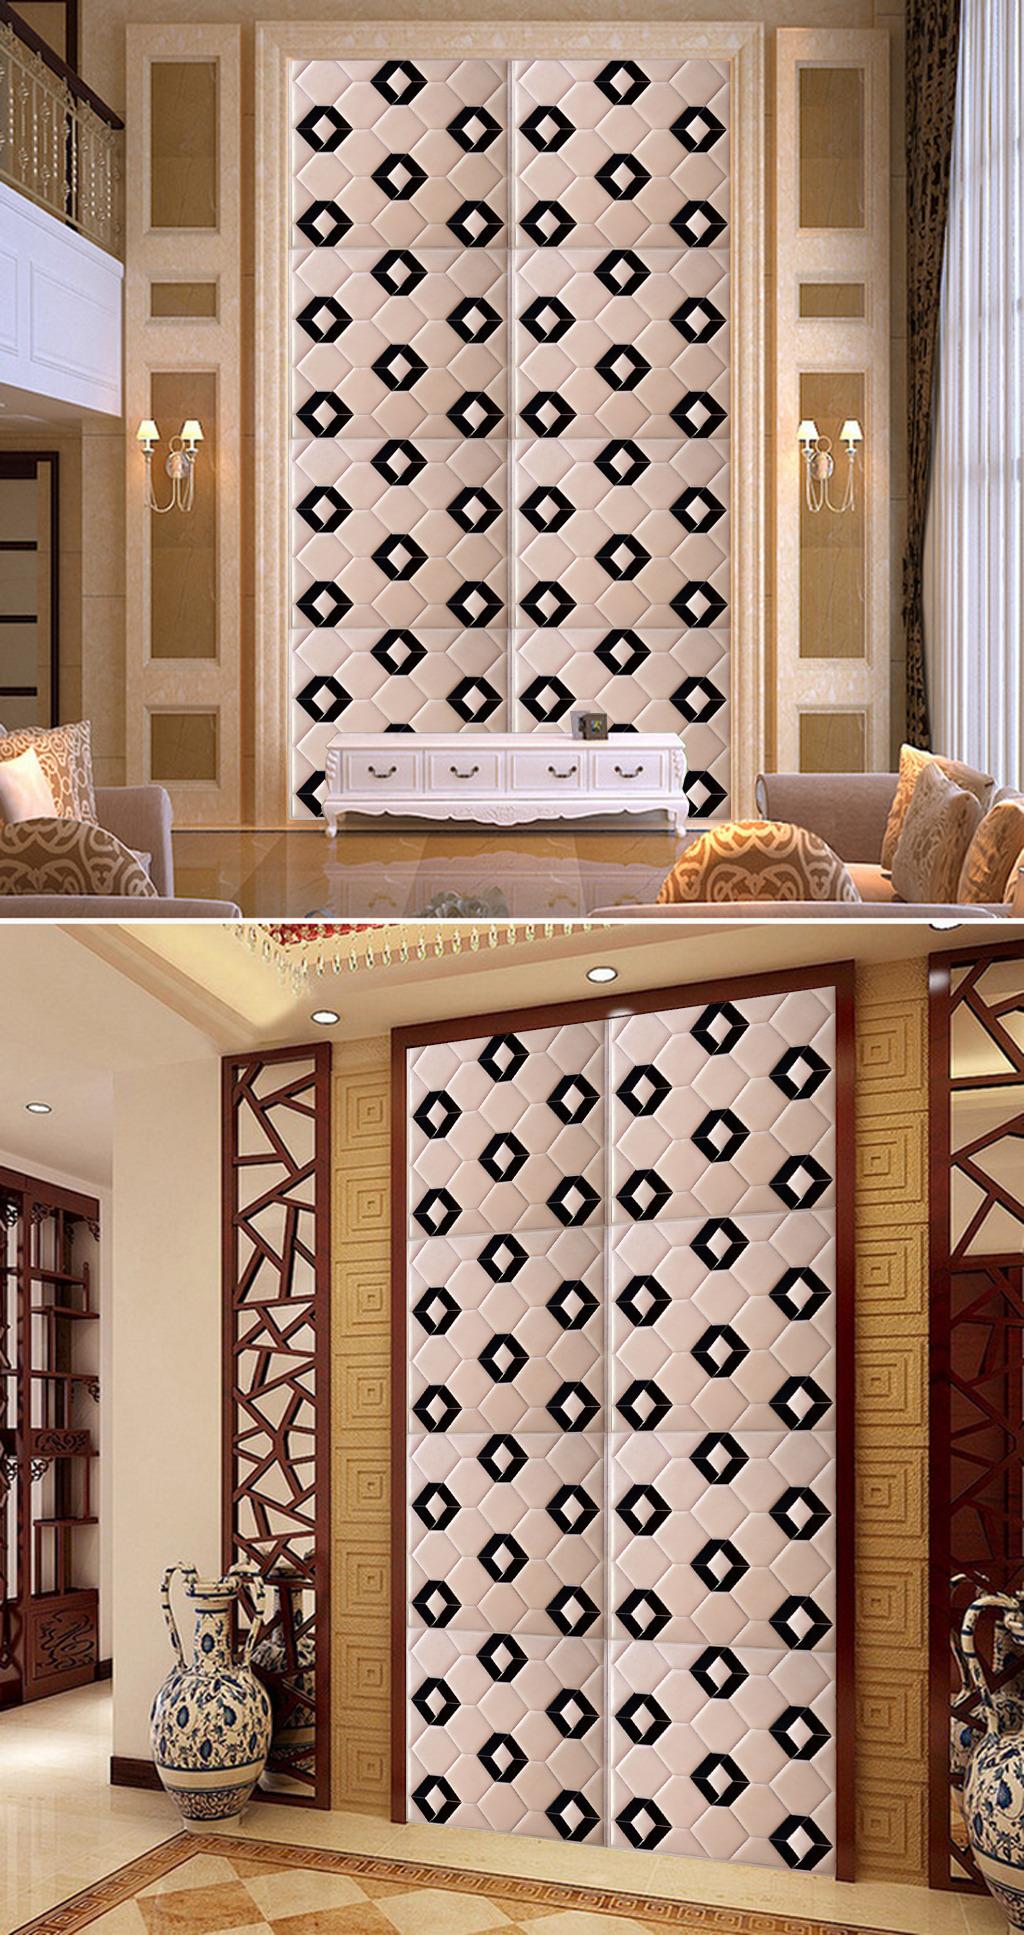 简约时尚欧式浮雕玄关壁画背景墙图库